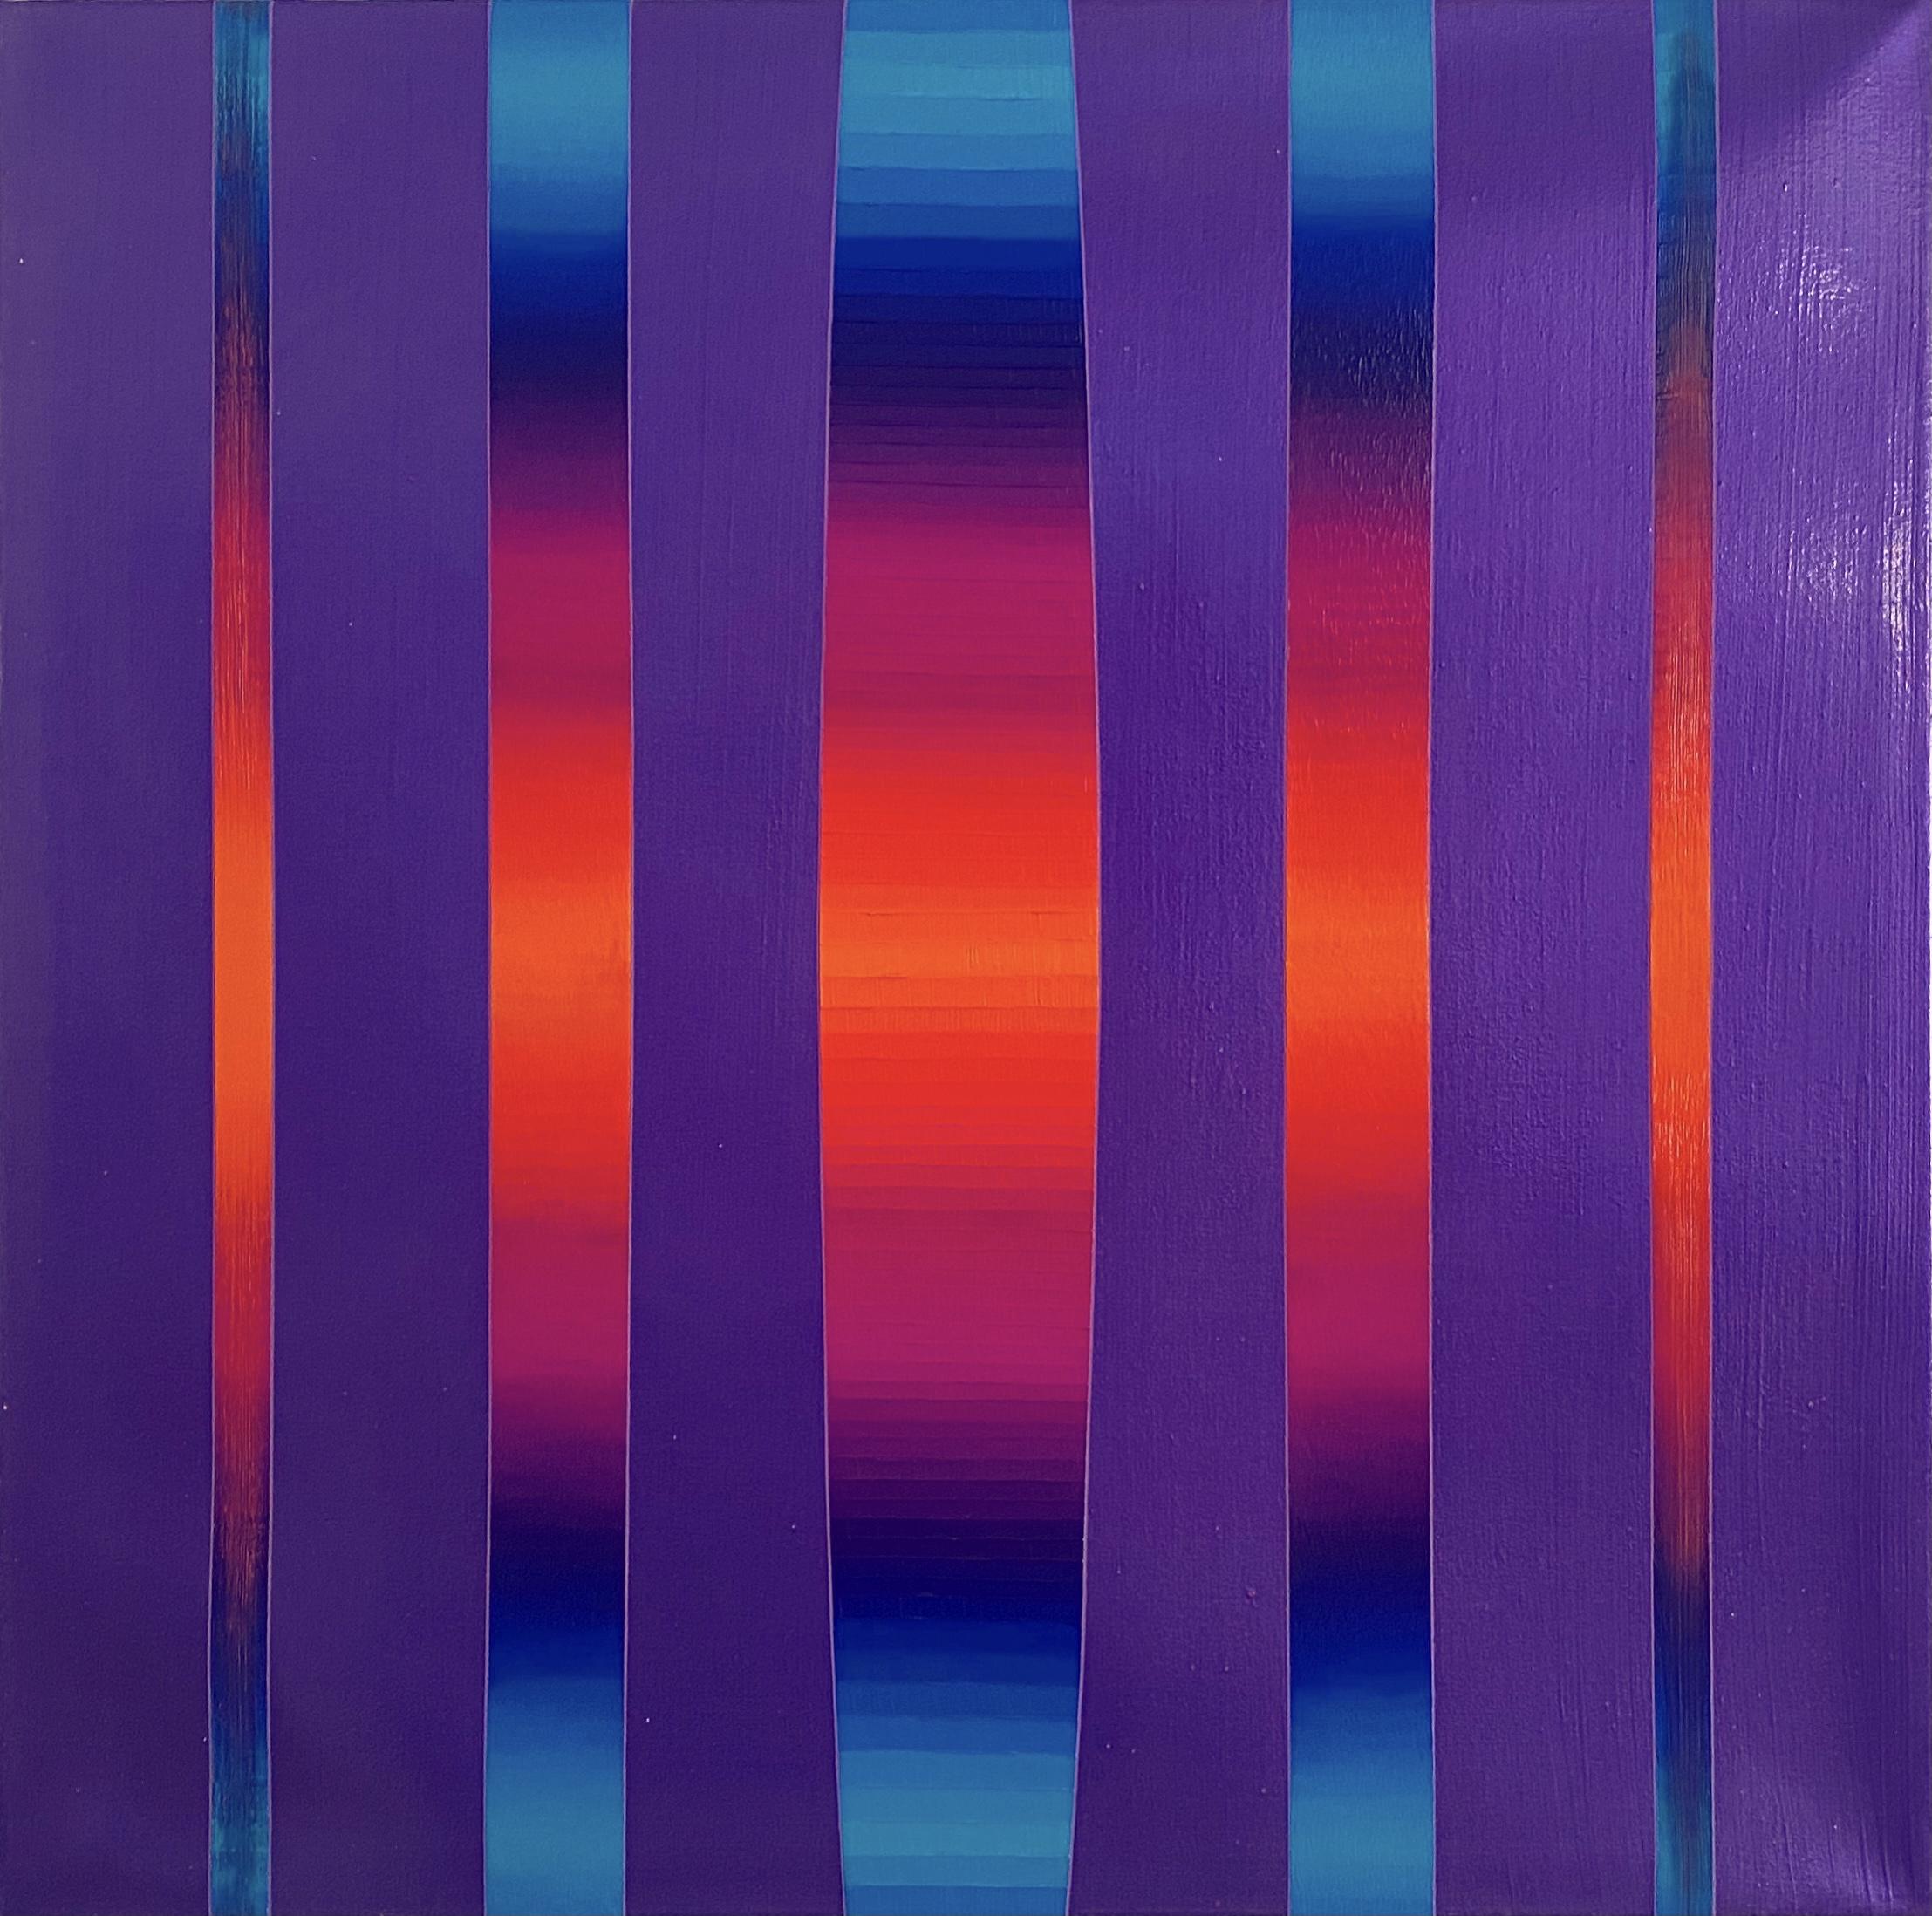 WAHRNEHMUNGSSTREIFEN 017 Canvas 70x 70 x 2 cm Acrylic metallic glossy Oil on canvas